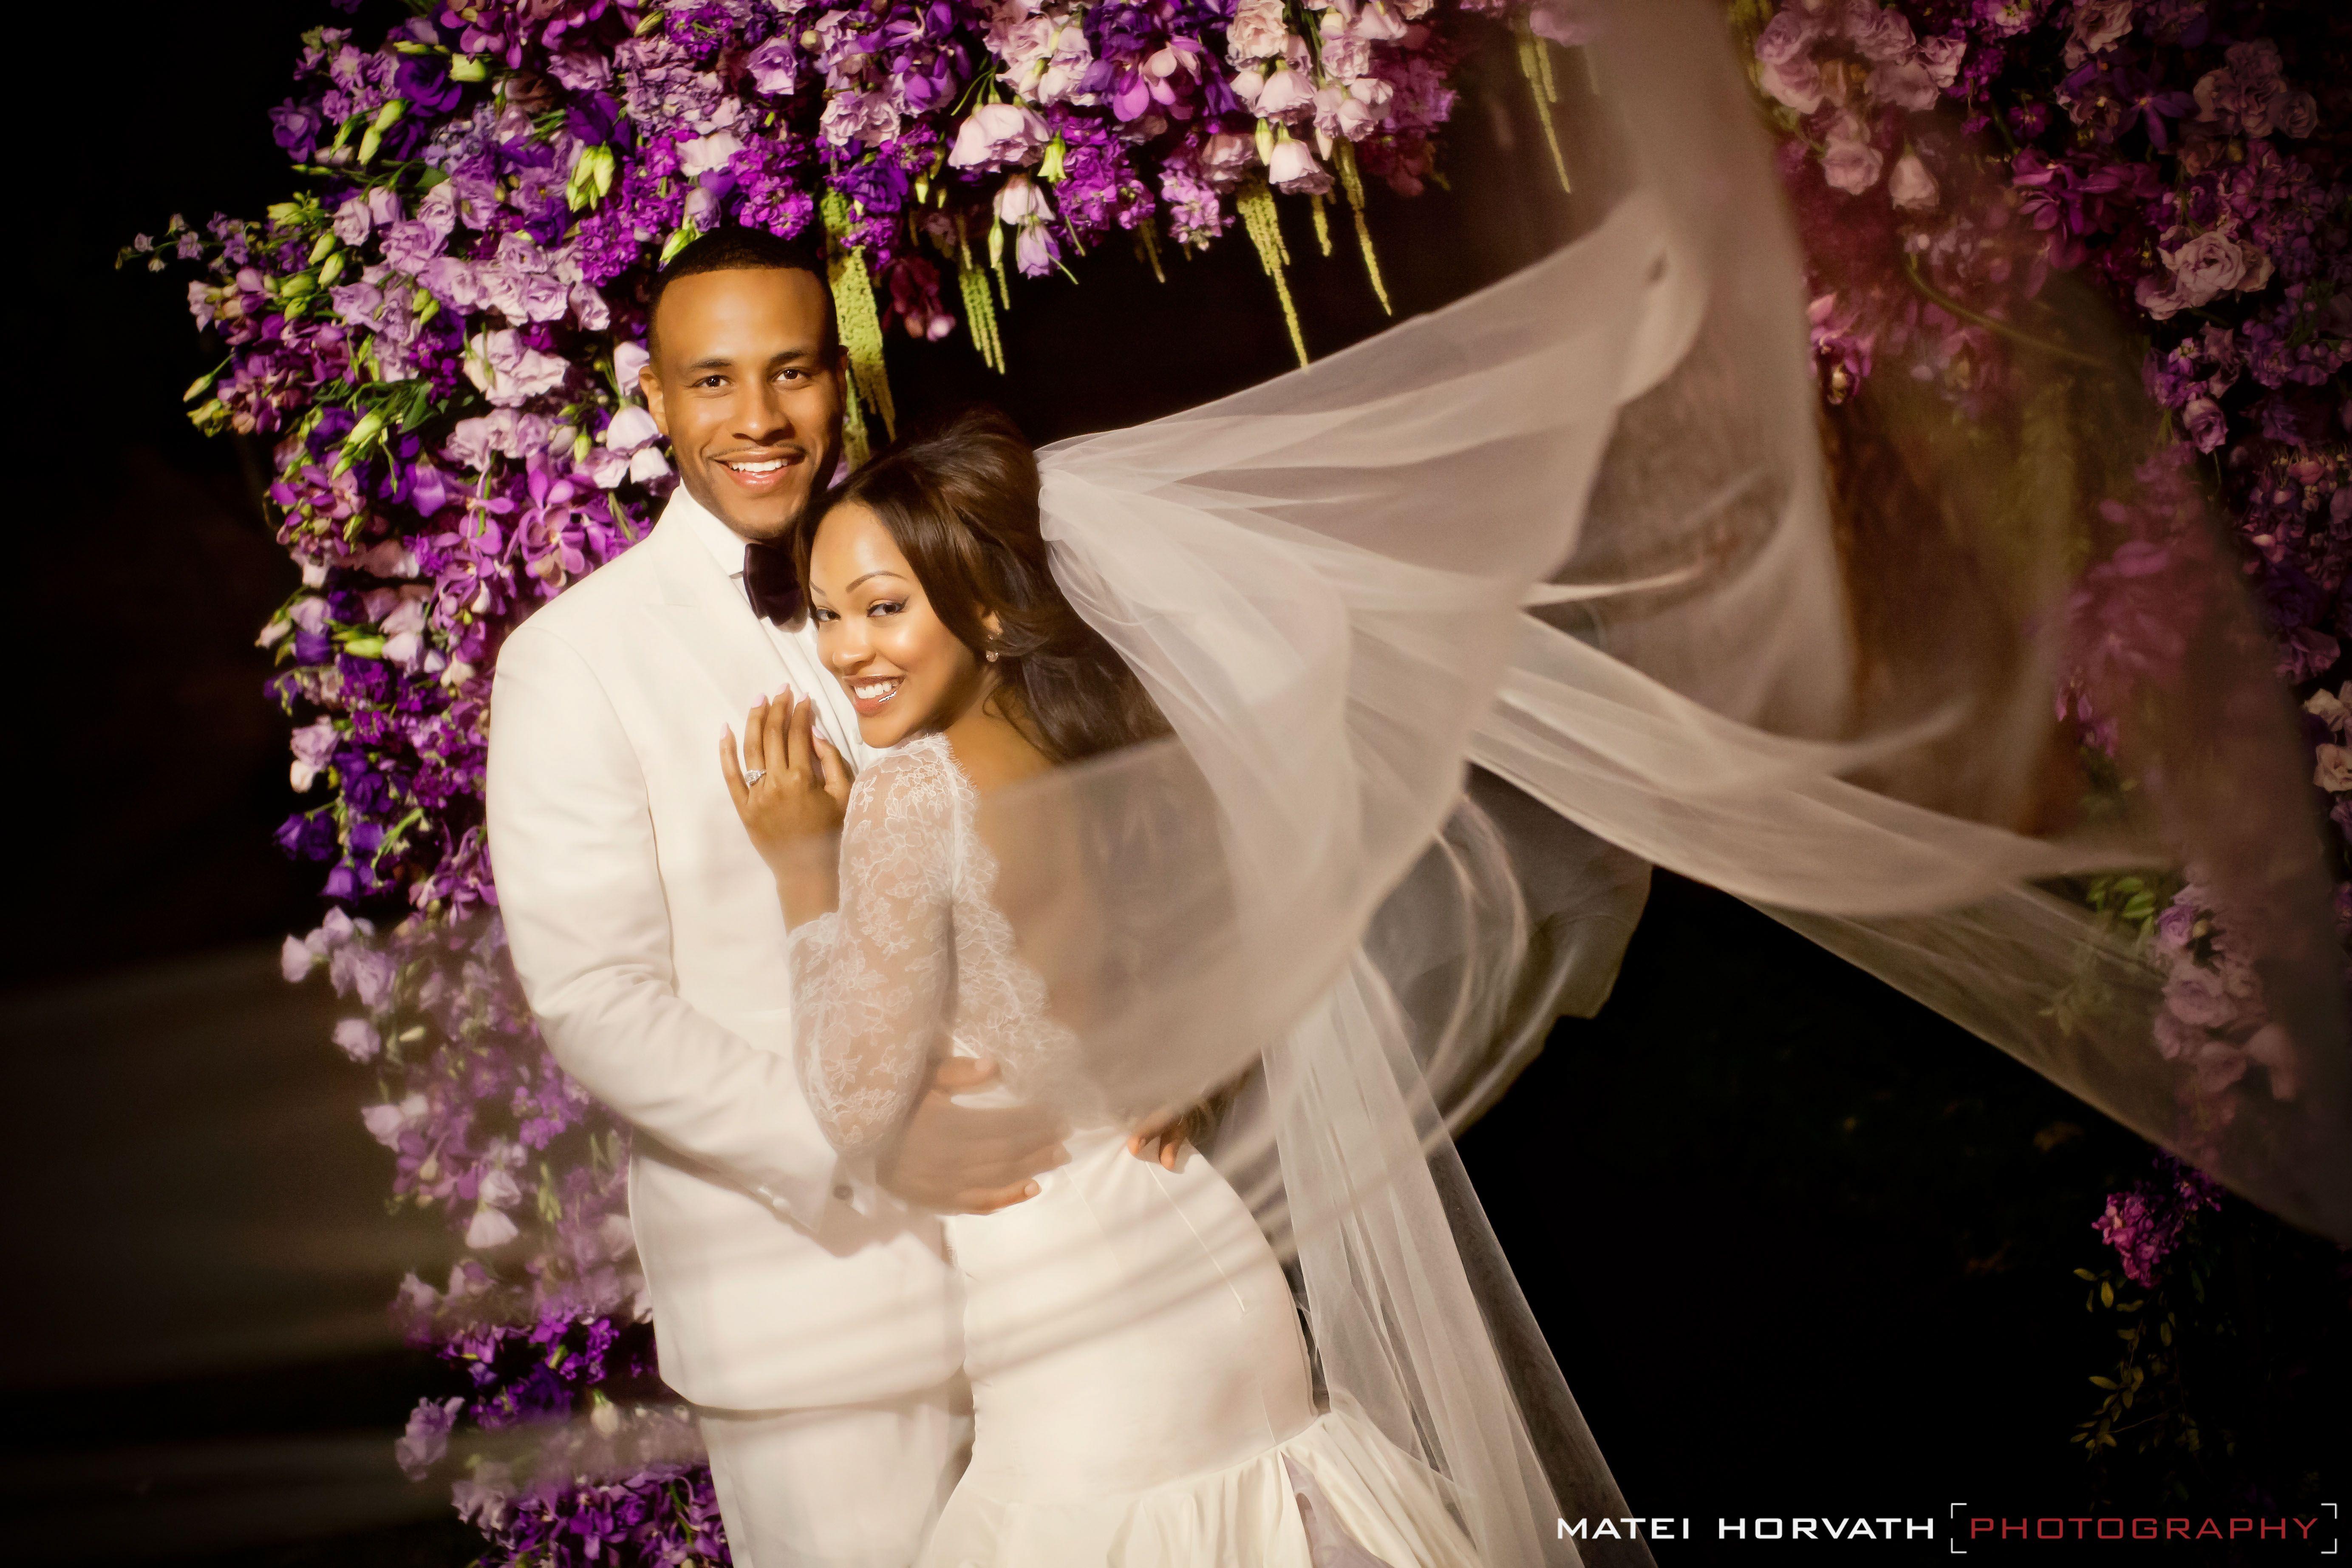 Meagan Good Wedding.Meagan Good Devon Franklin S Wedding 2012 Sunday Kind Of